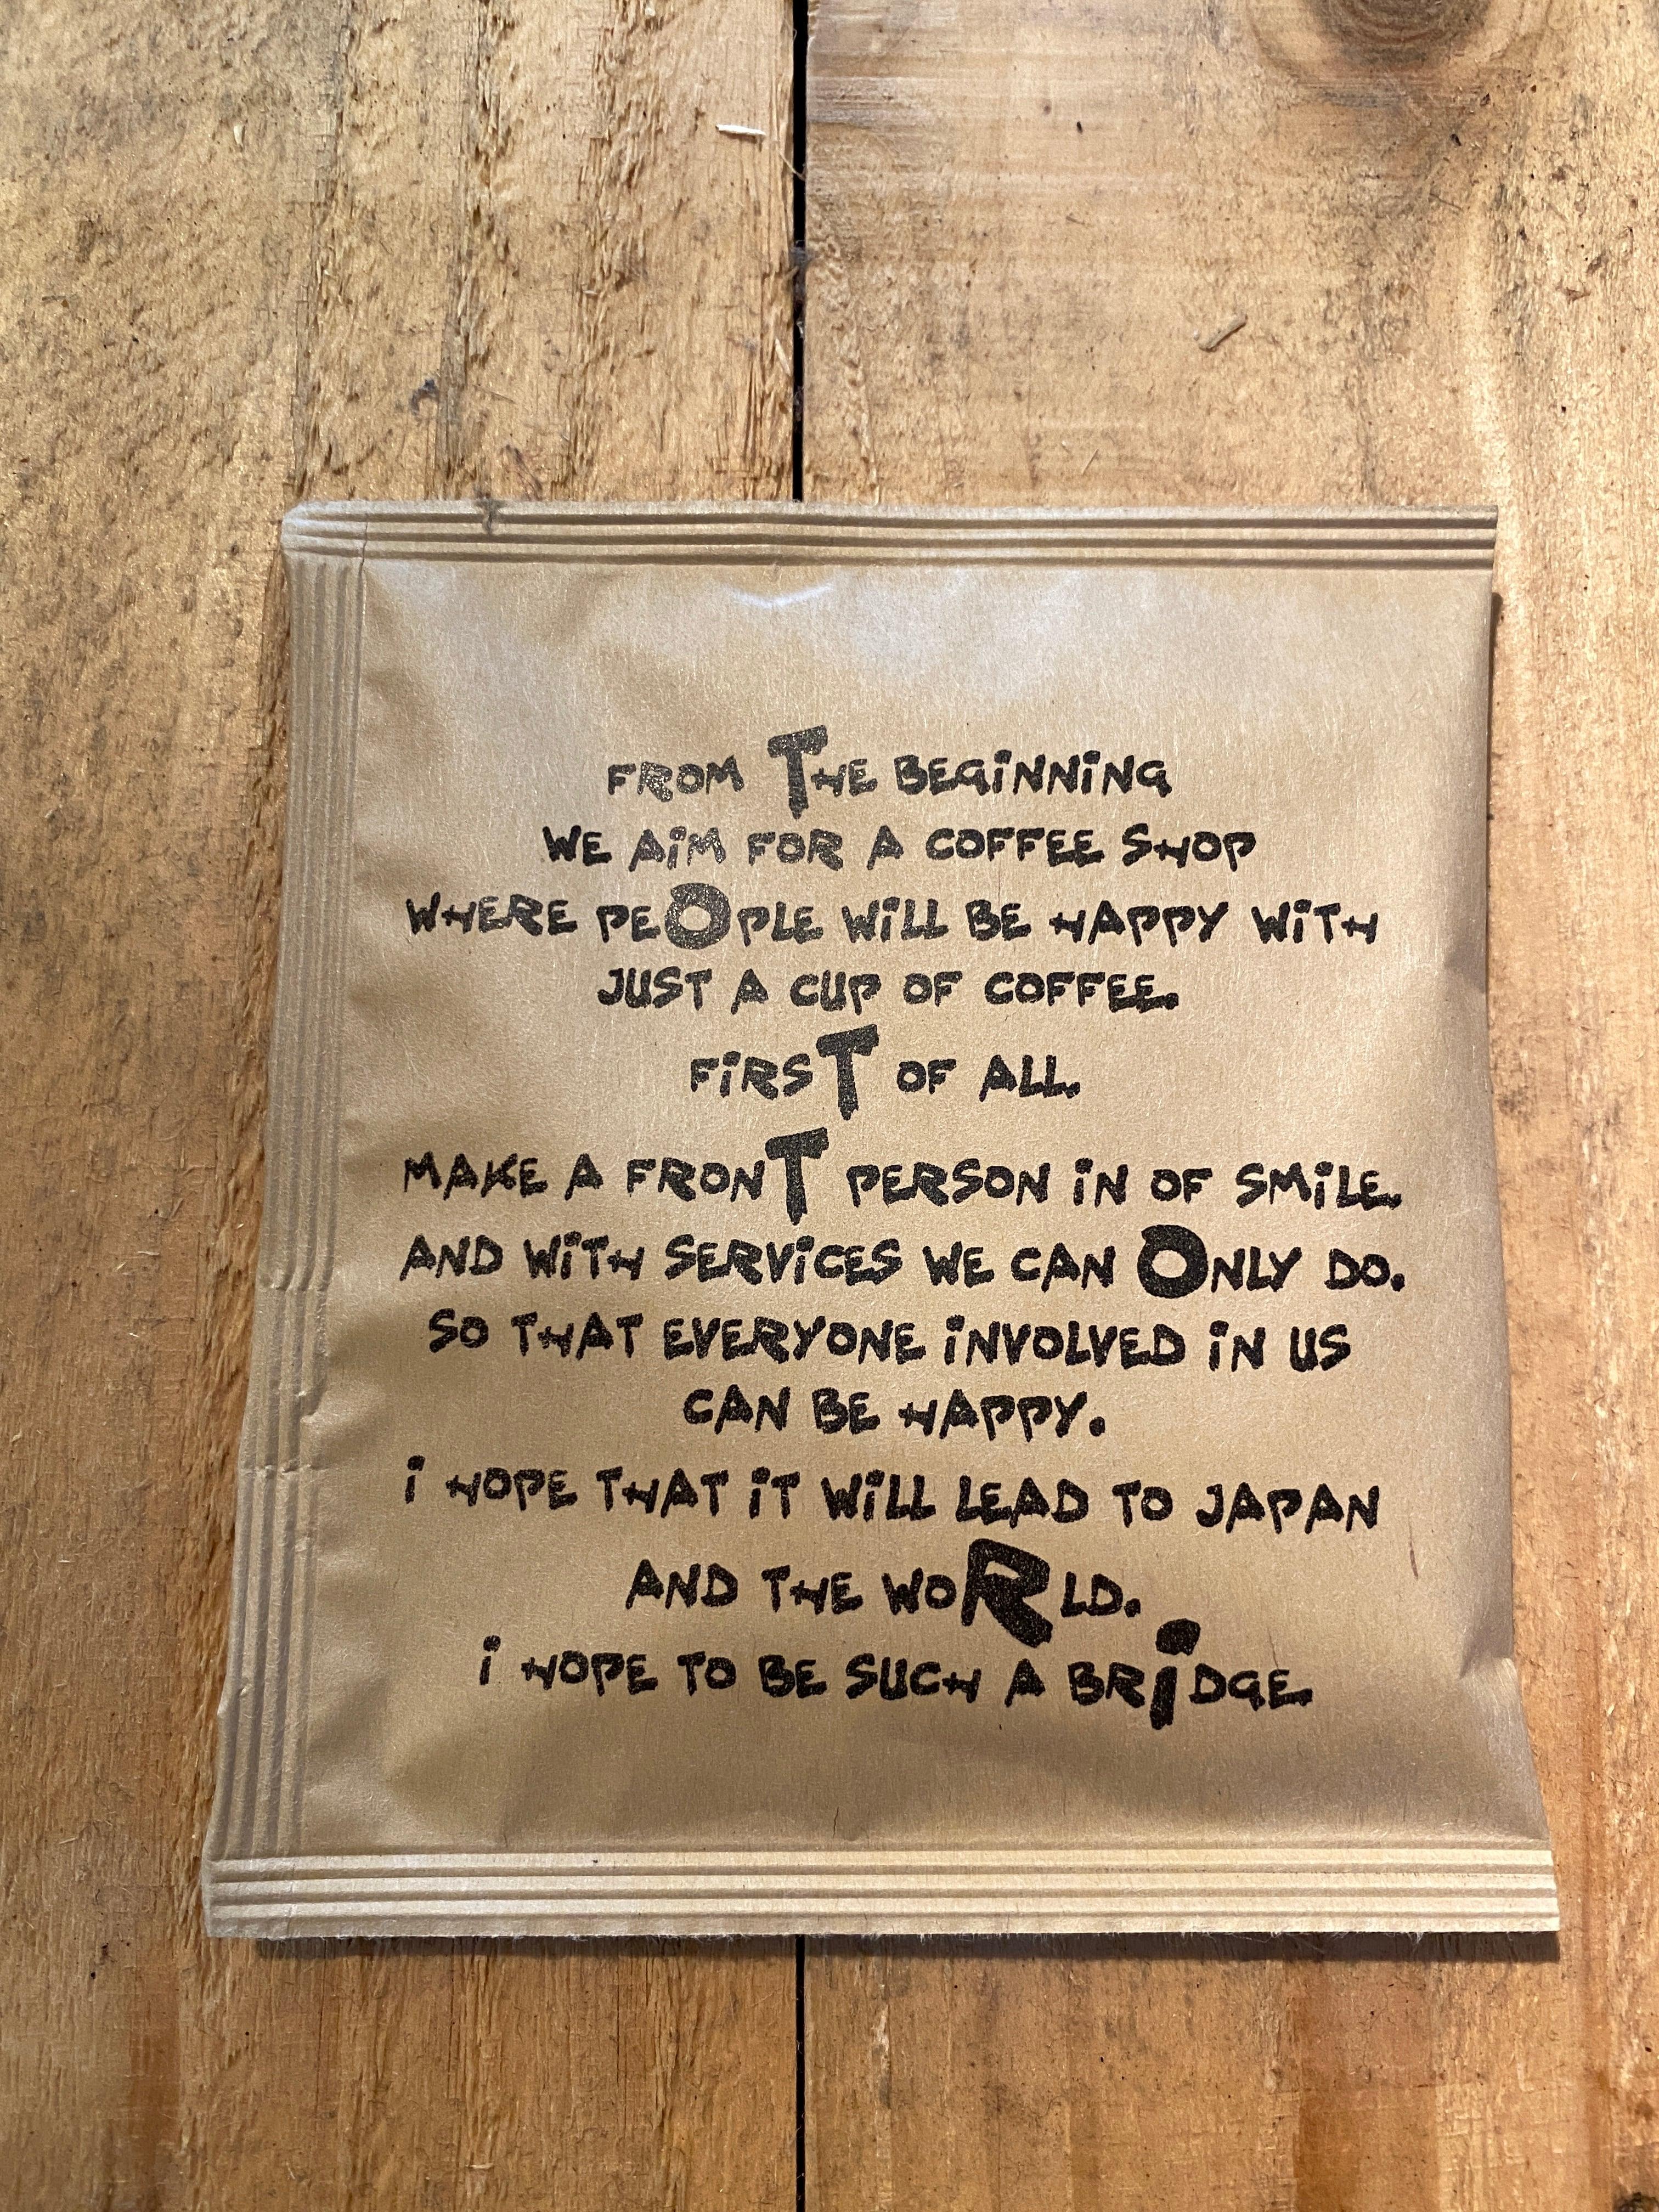 鳥取ブレンド ドリップバッグコーヒー